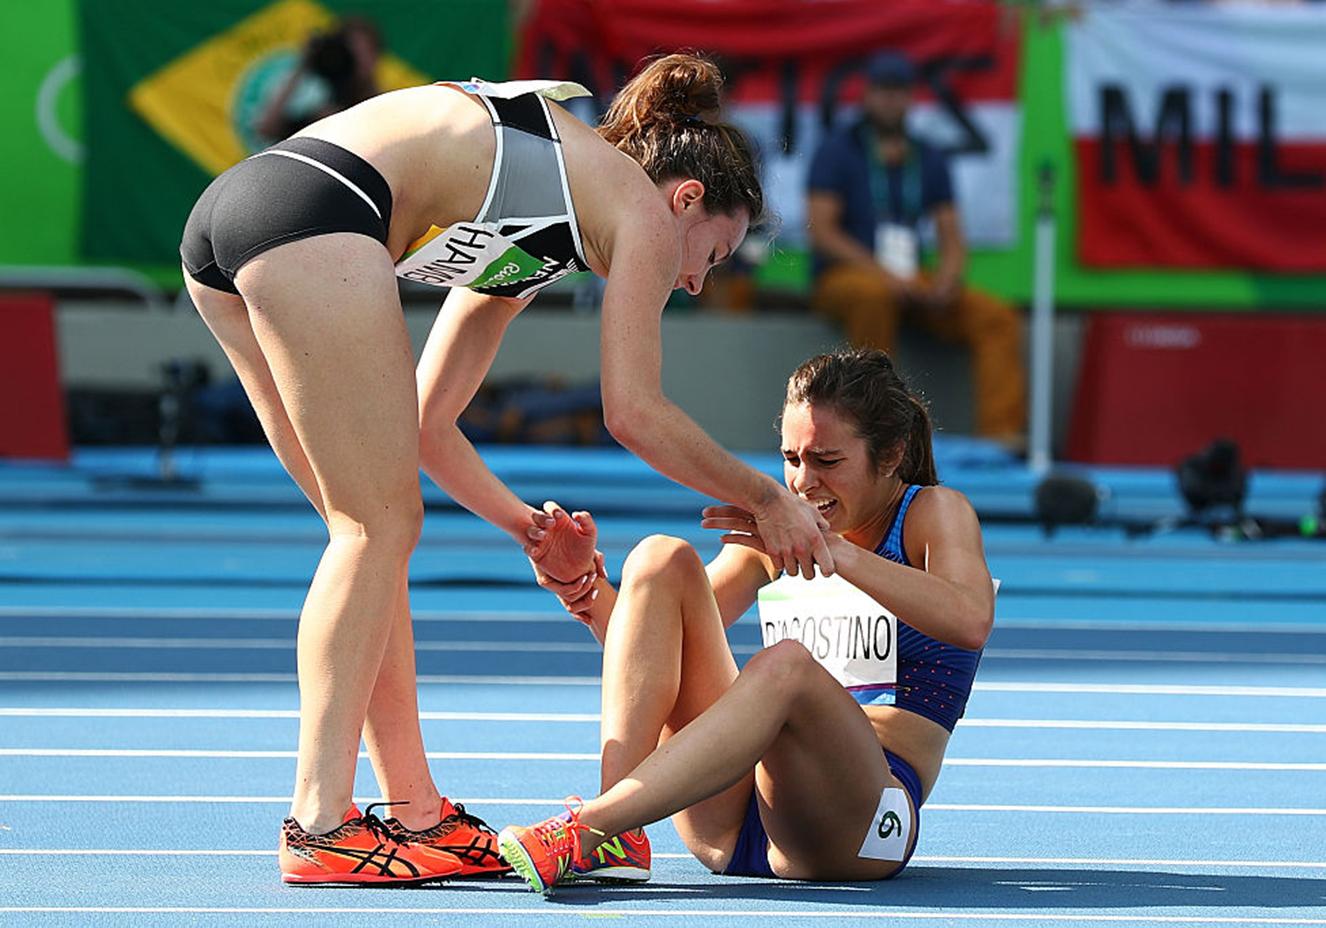 Ian Walton/Equipa/Getty Images